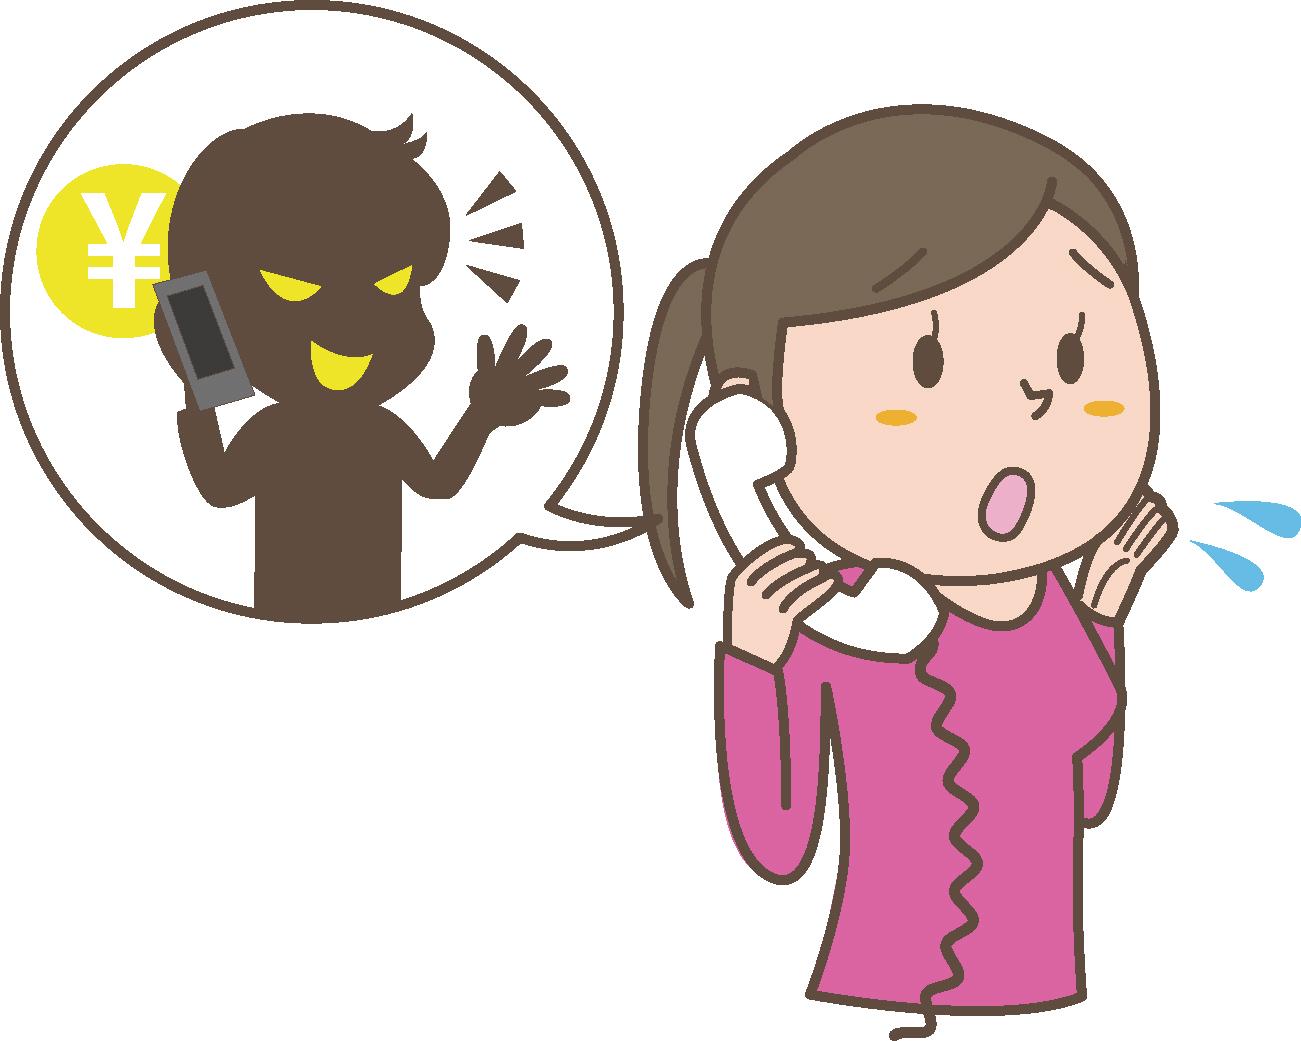 【05050500281】は詐欺的な営業電話!コールクラウドからのauなどの保証を装った内容!